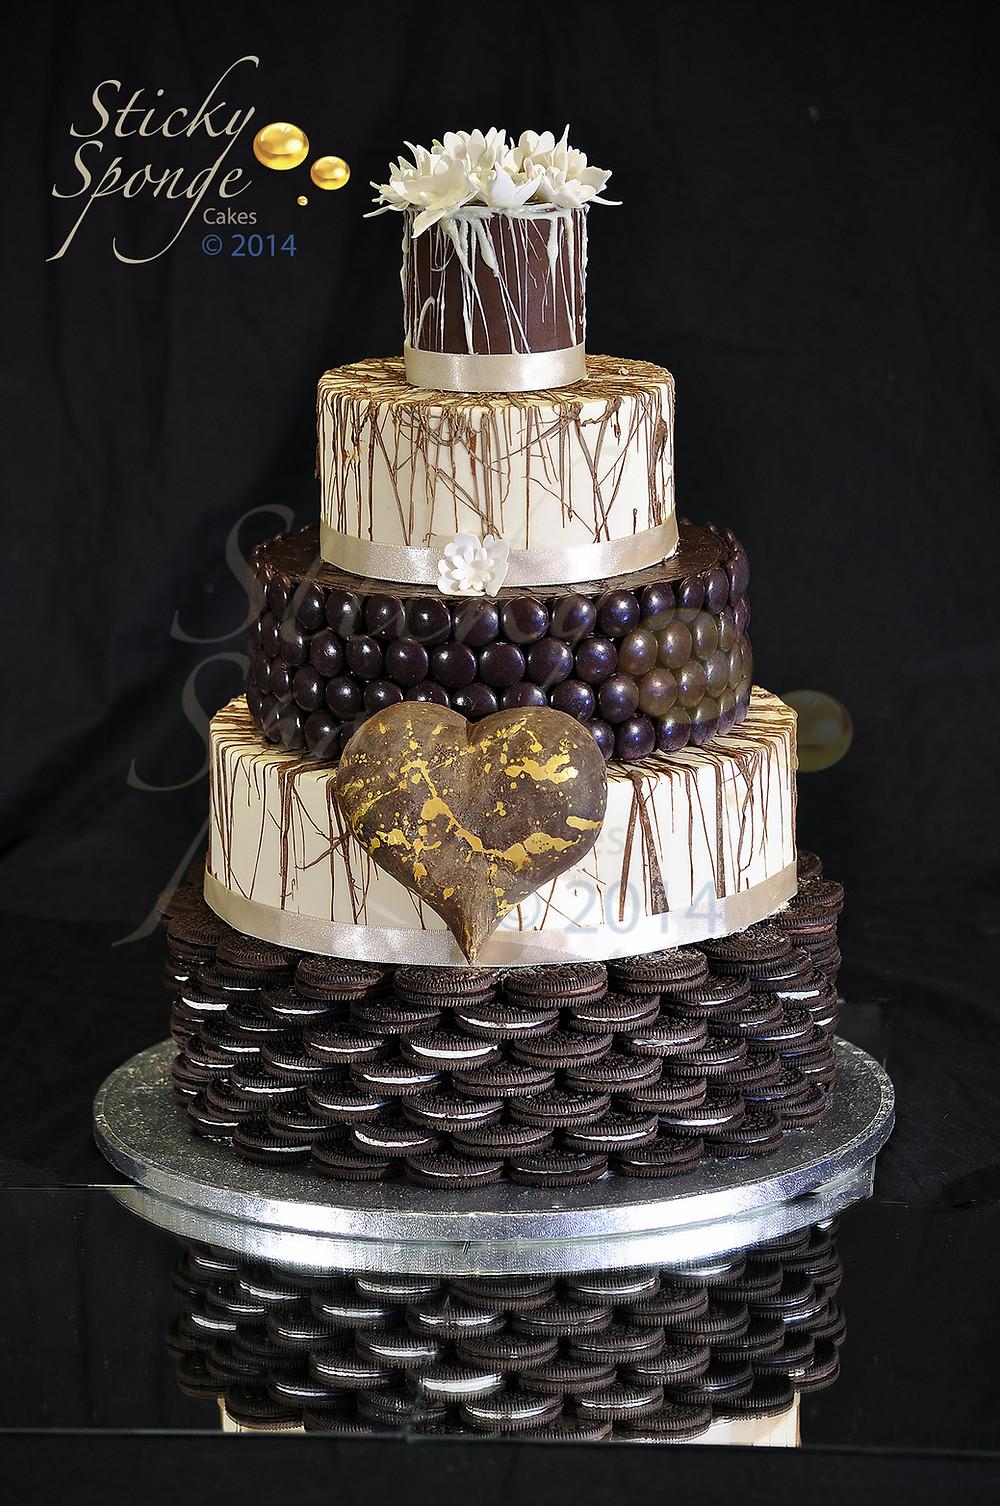 Sticky Sponge Chocolate Cake Small.jpg